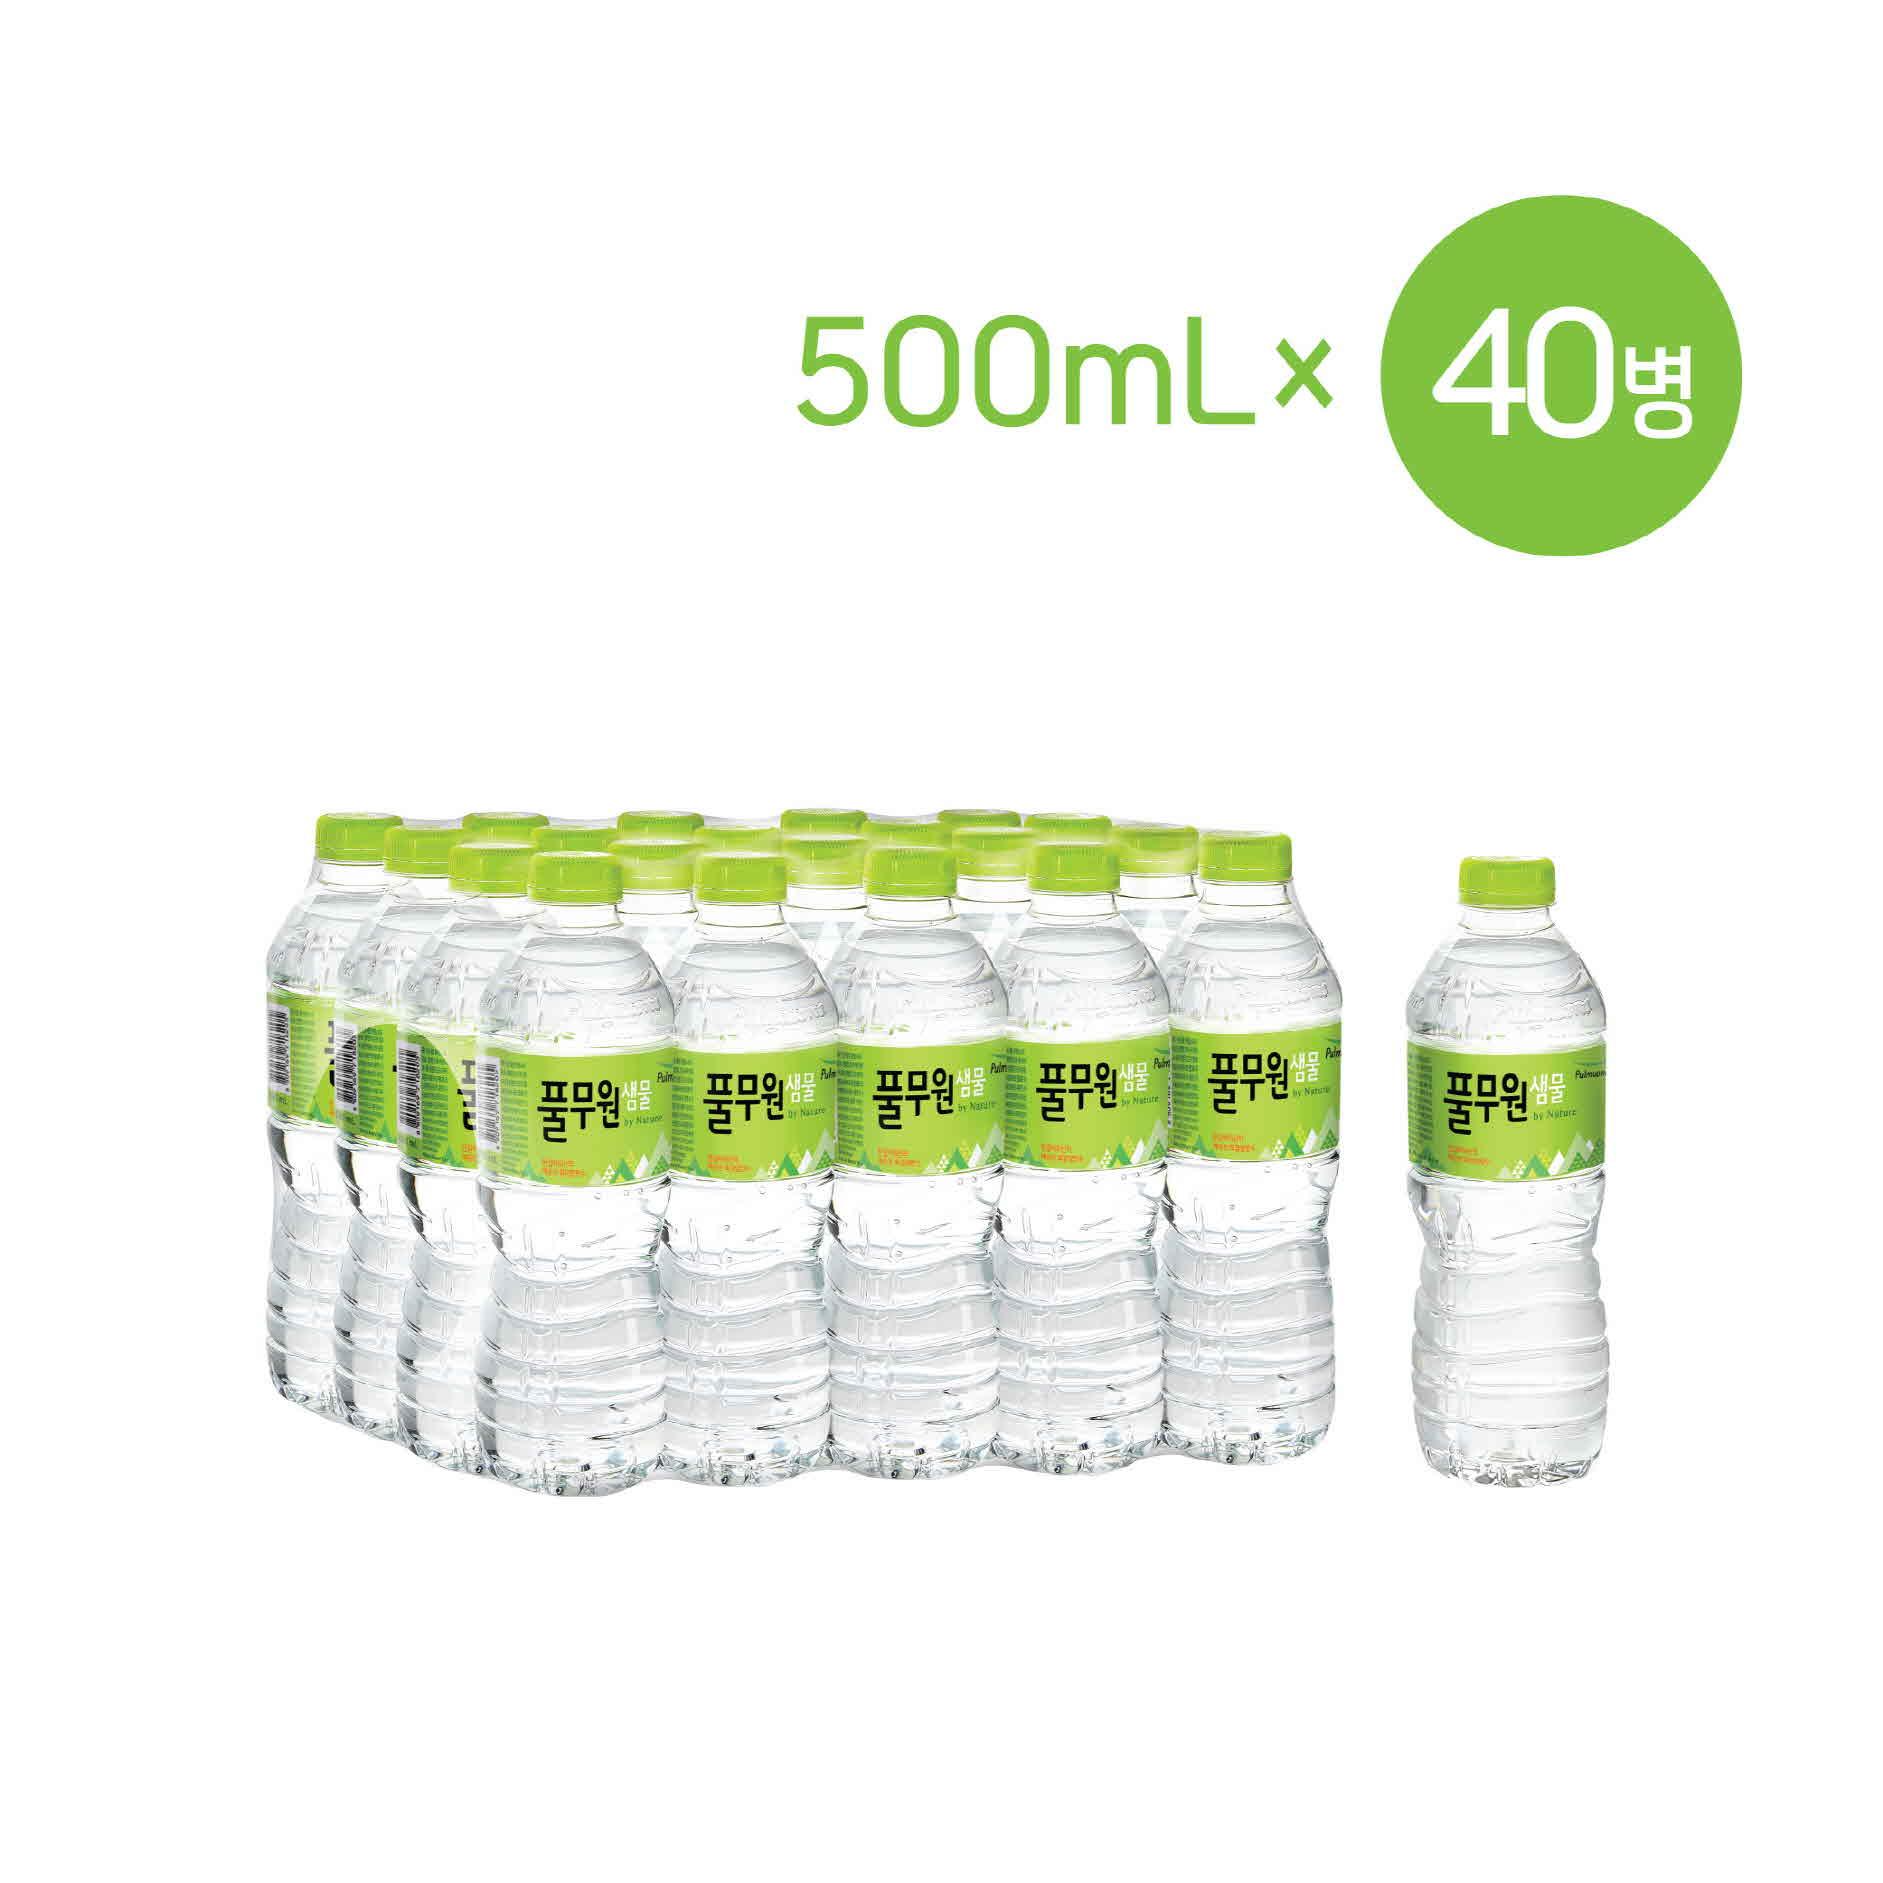 [풀무원샘물공식] 샘물 500mL x 40개